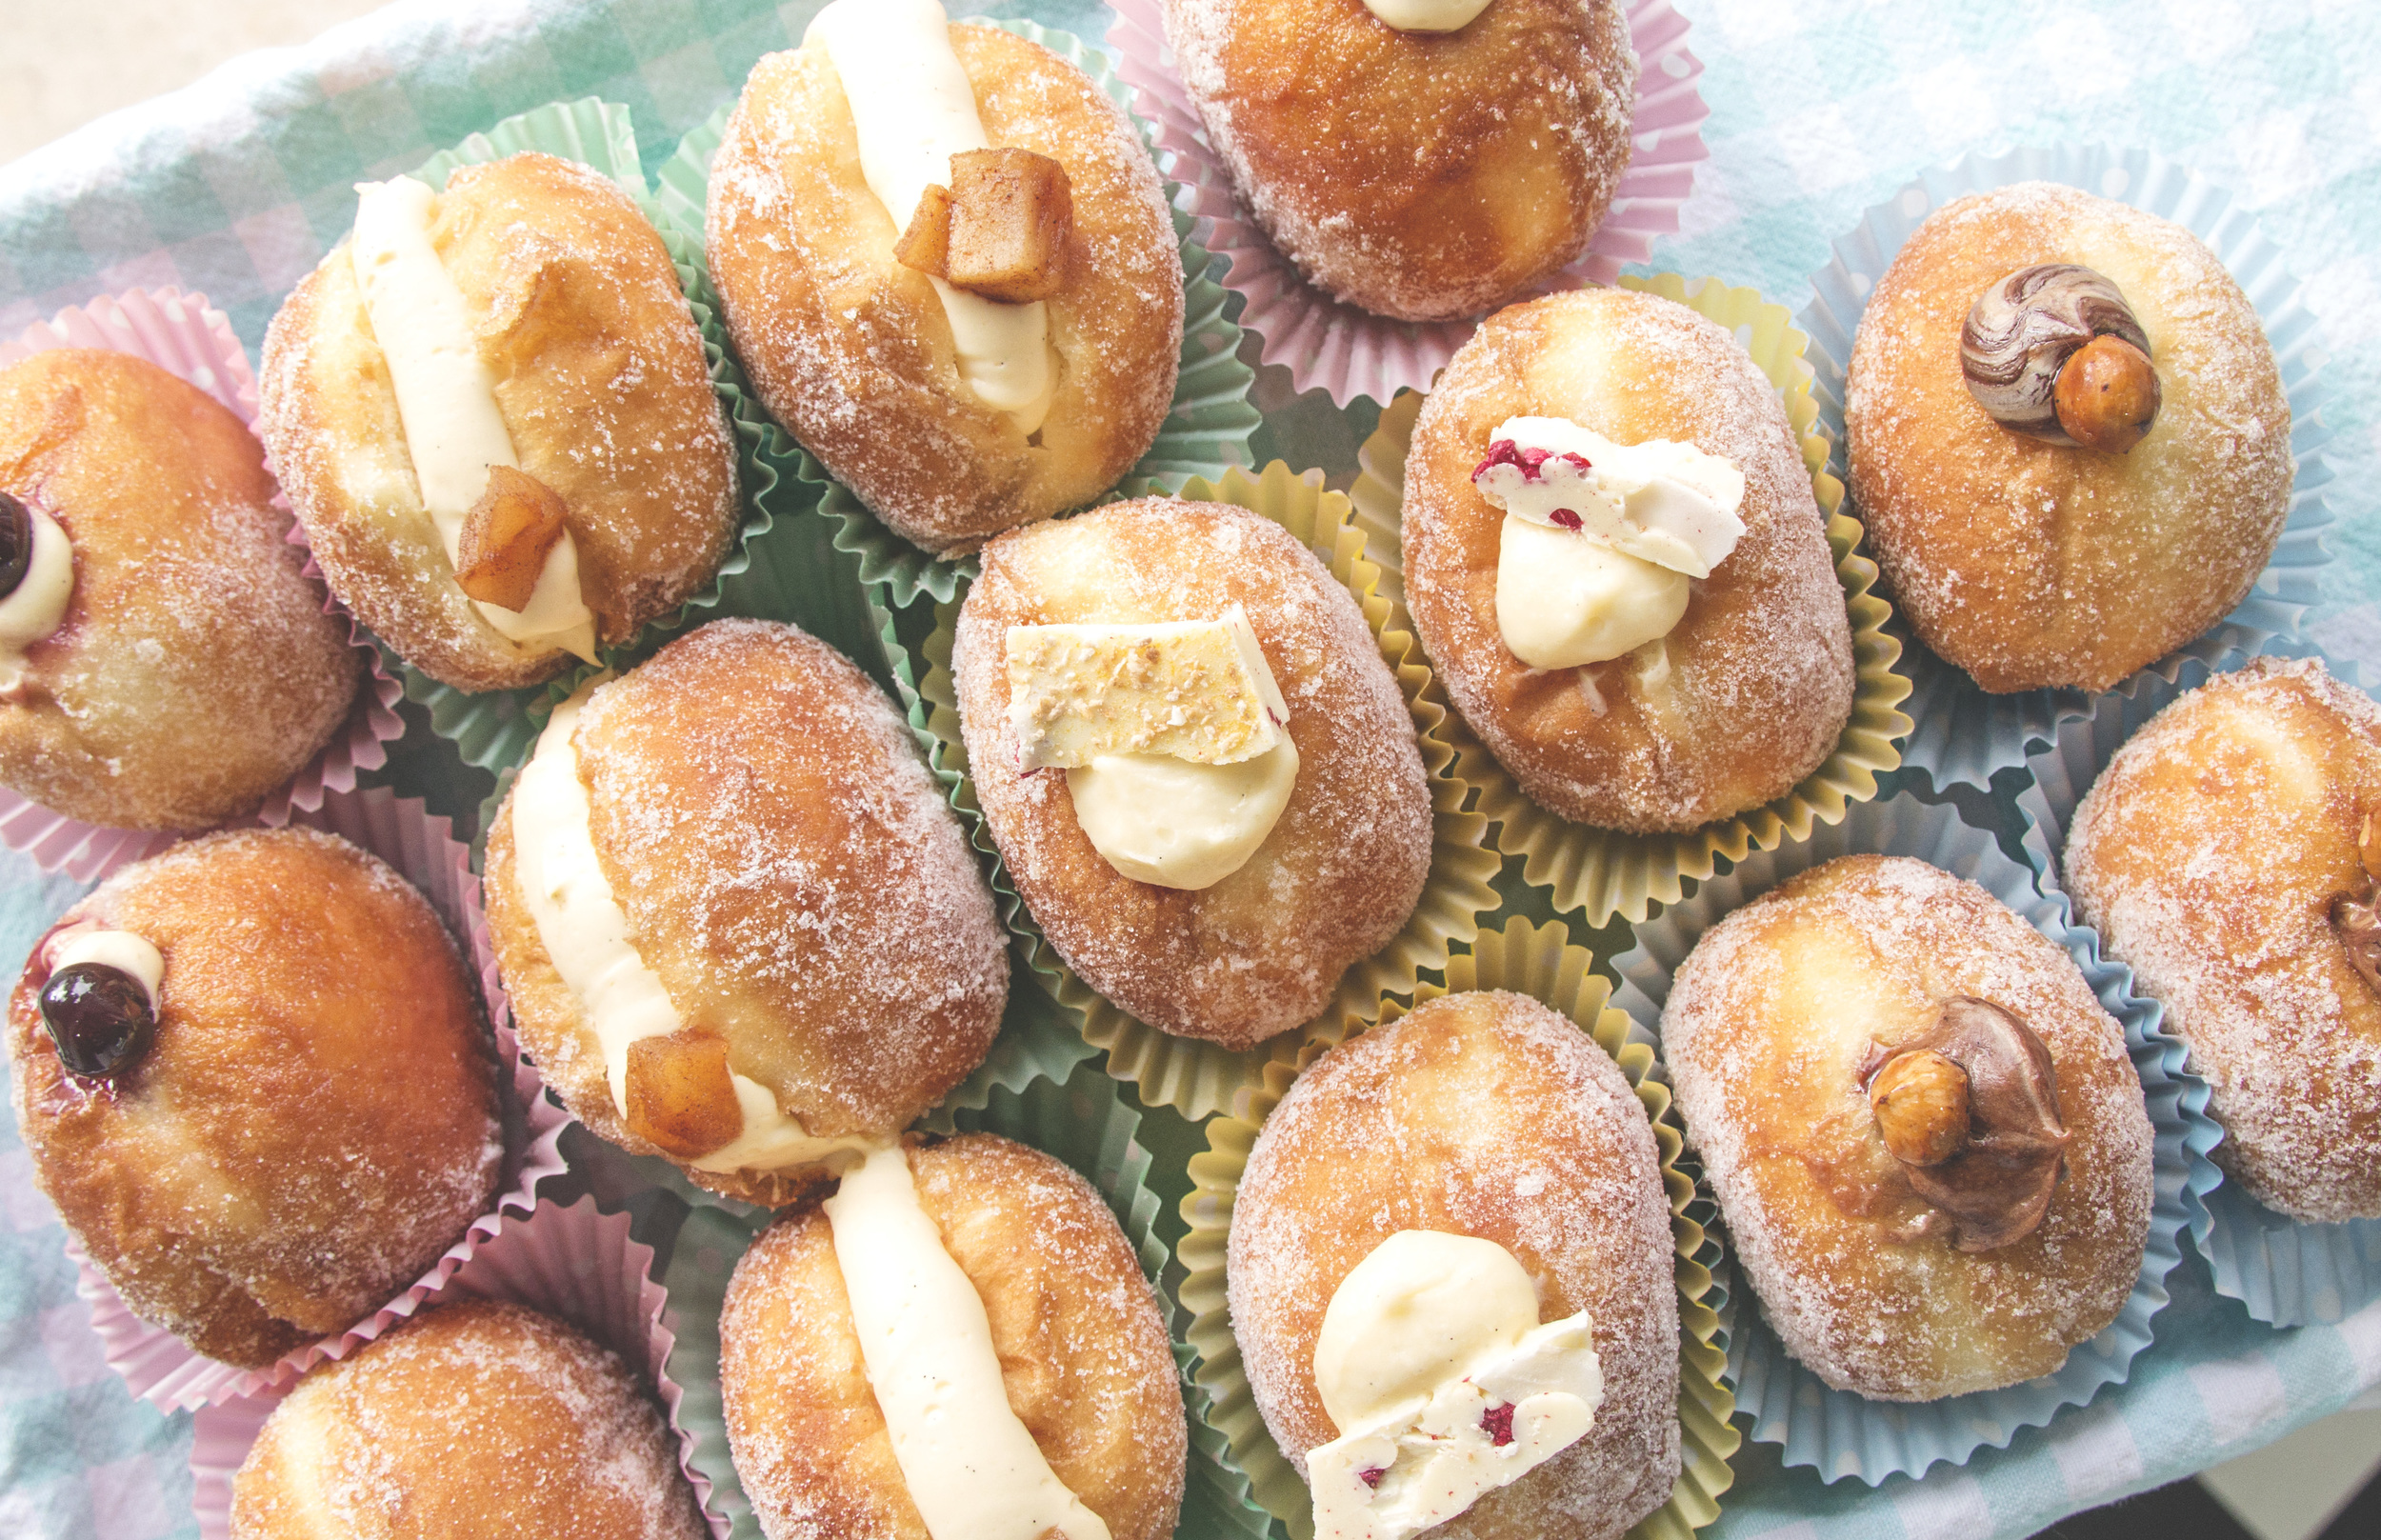 doughnutsSATURDAY.jpg